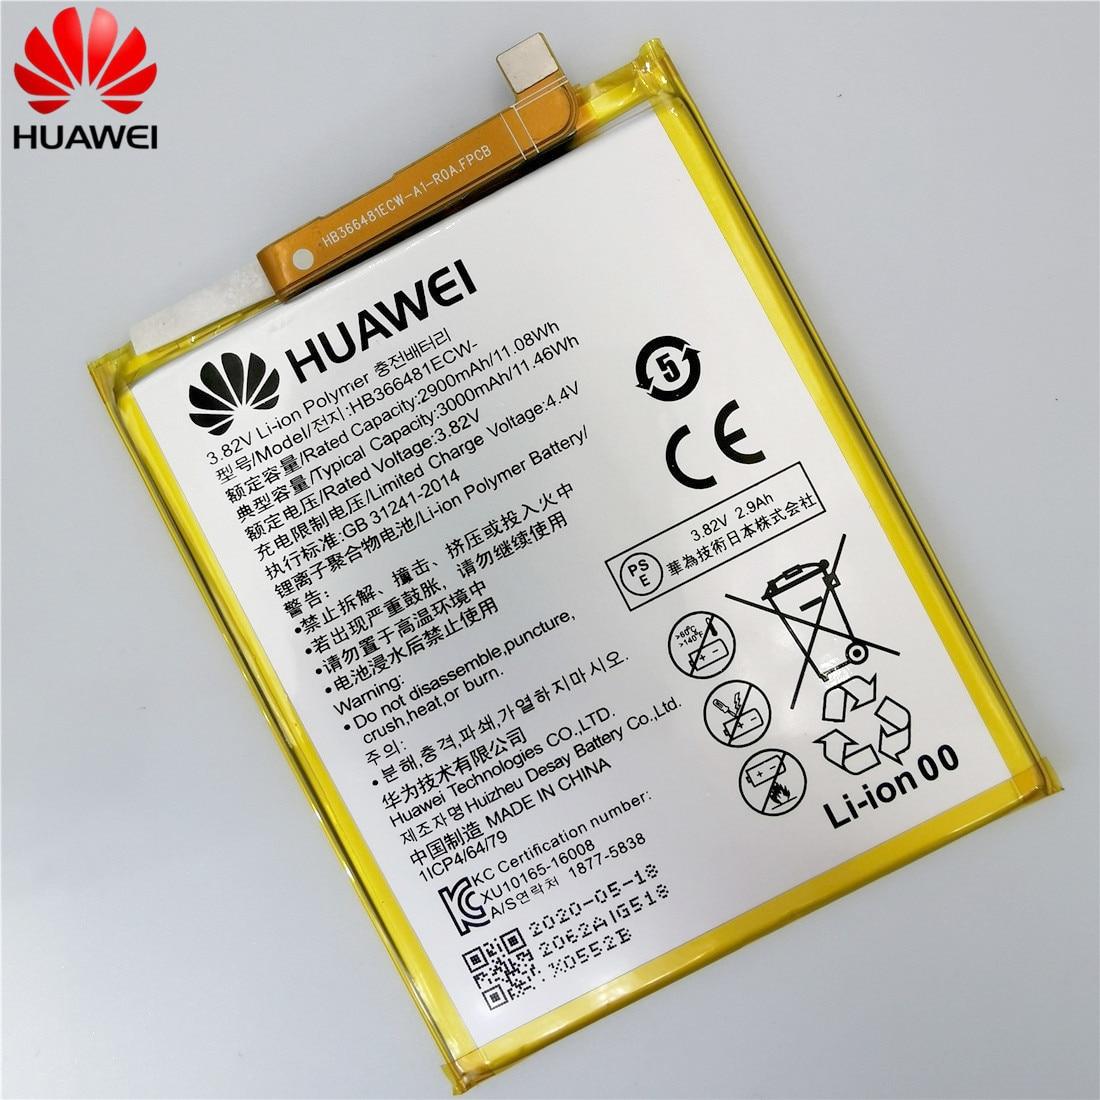 2020 original Real 3000mAh HB366481ECW For Huawei p9/p9 lite/honor 8/p10 lite/p8 lite 2017 /p20 lite/p9lite battery +Tool 4